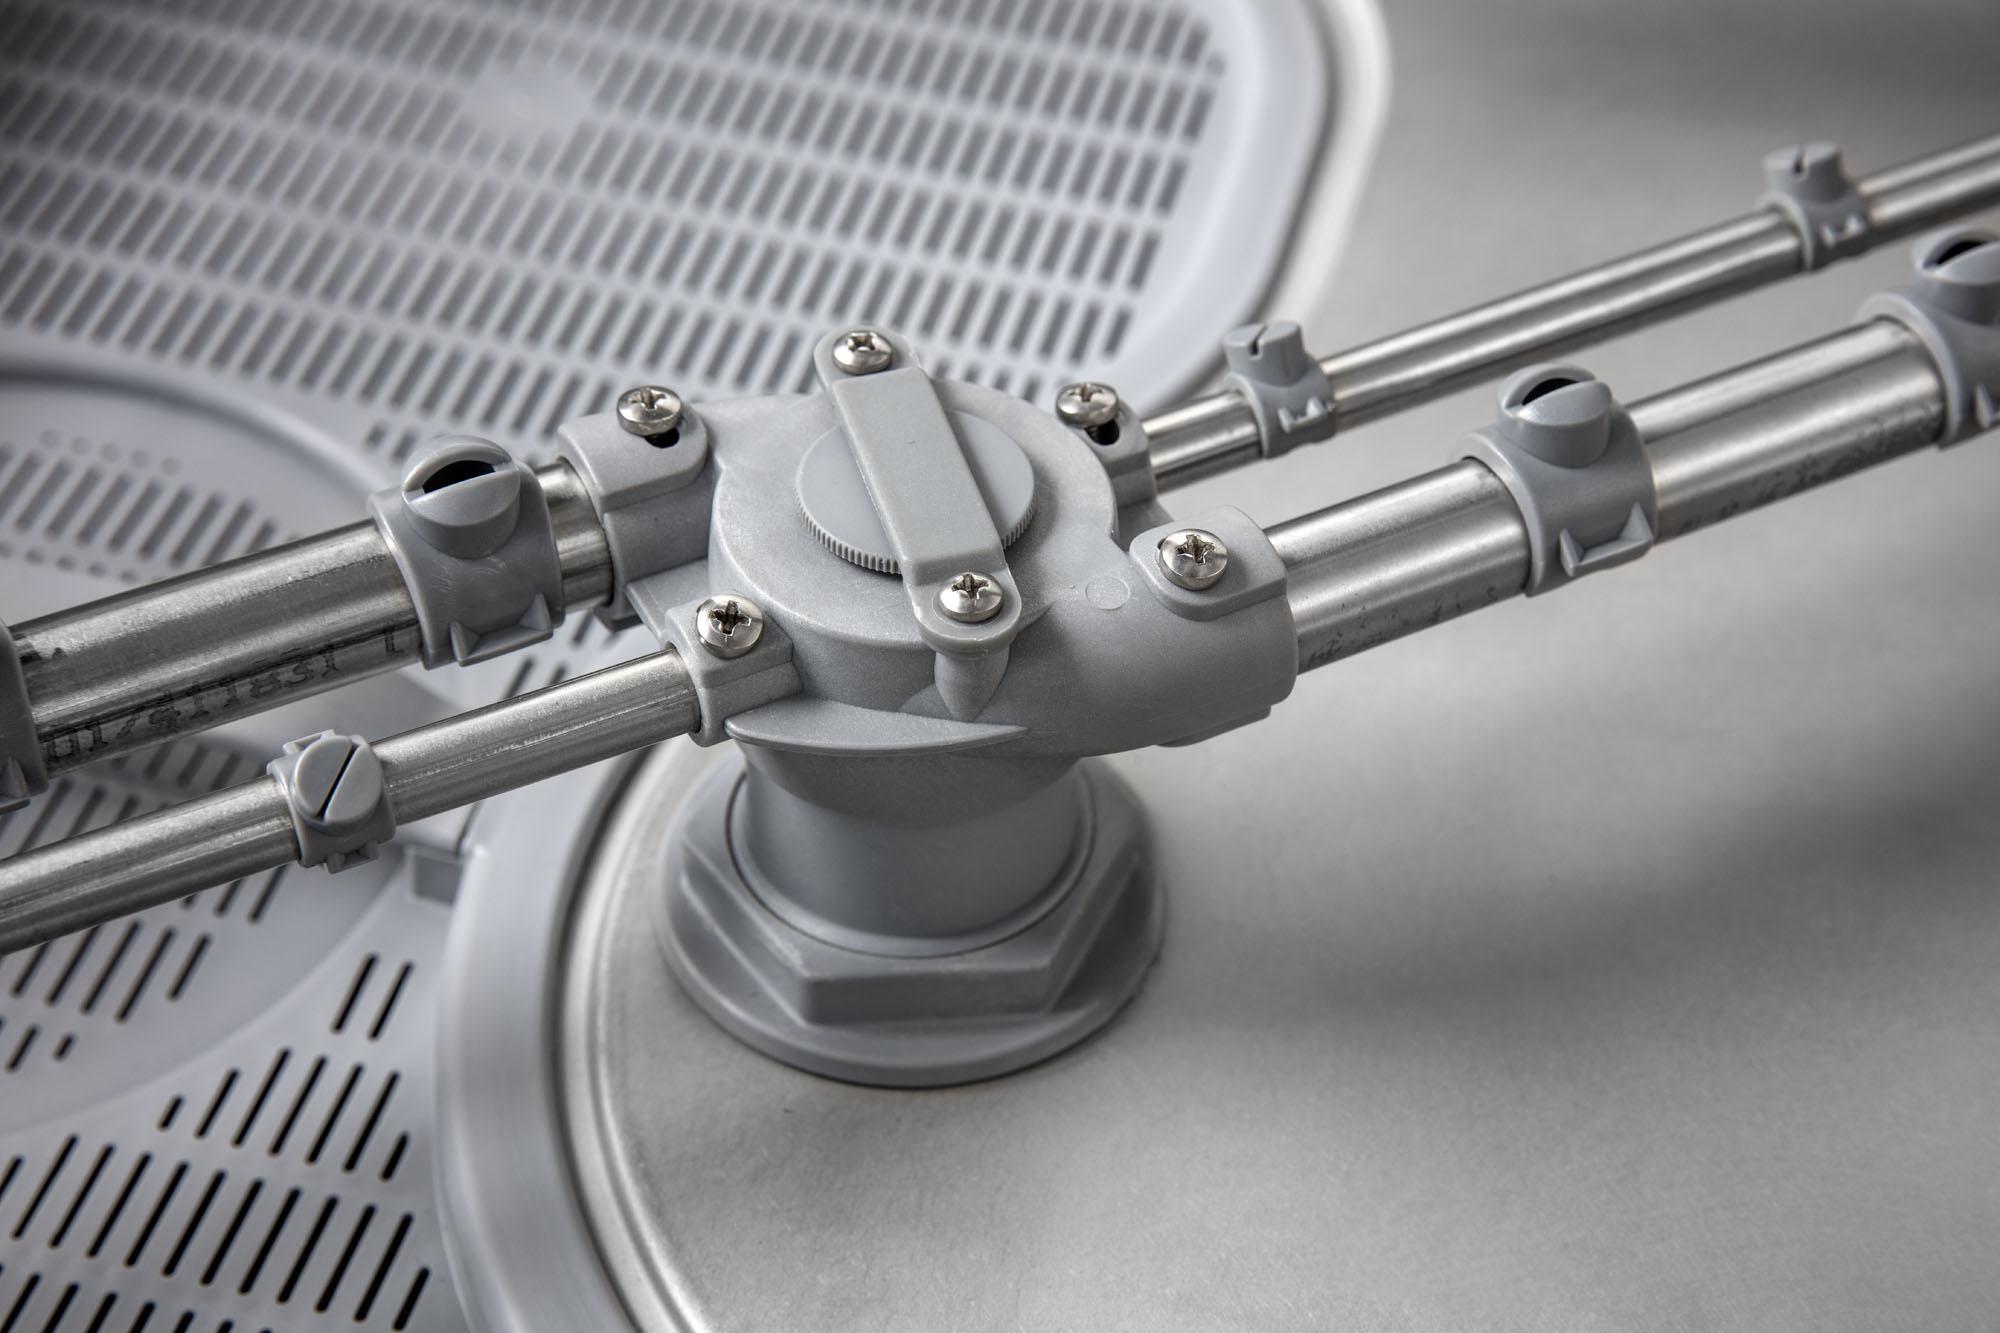 lavastoviglie professionale con bracci di lavaggio in acciaio project system italia